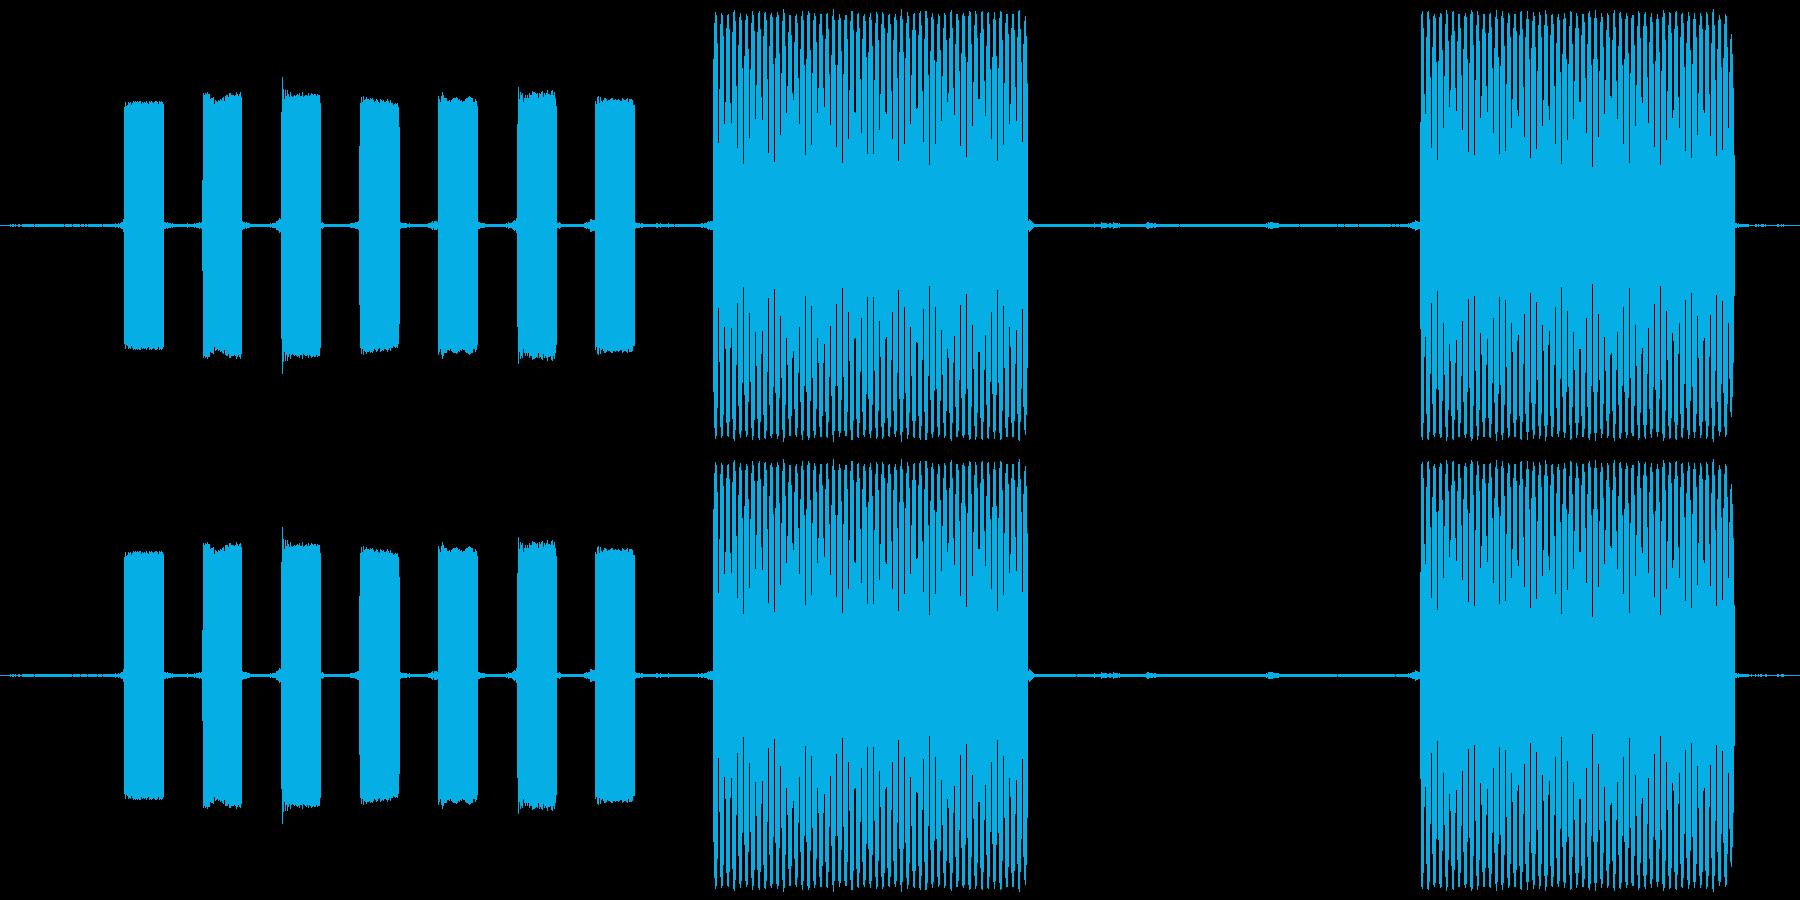 ピ、ポ、パ、トゥルルル・・・と電話をか…の再生済みの波形